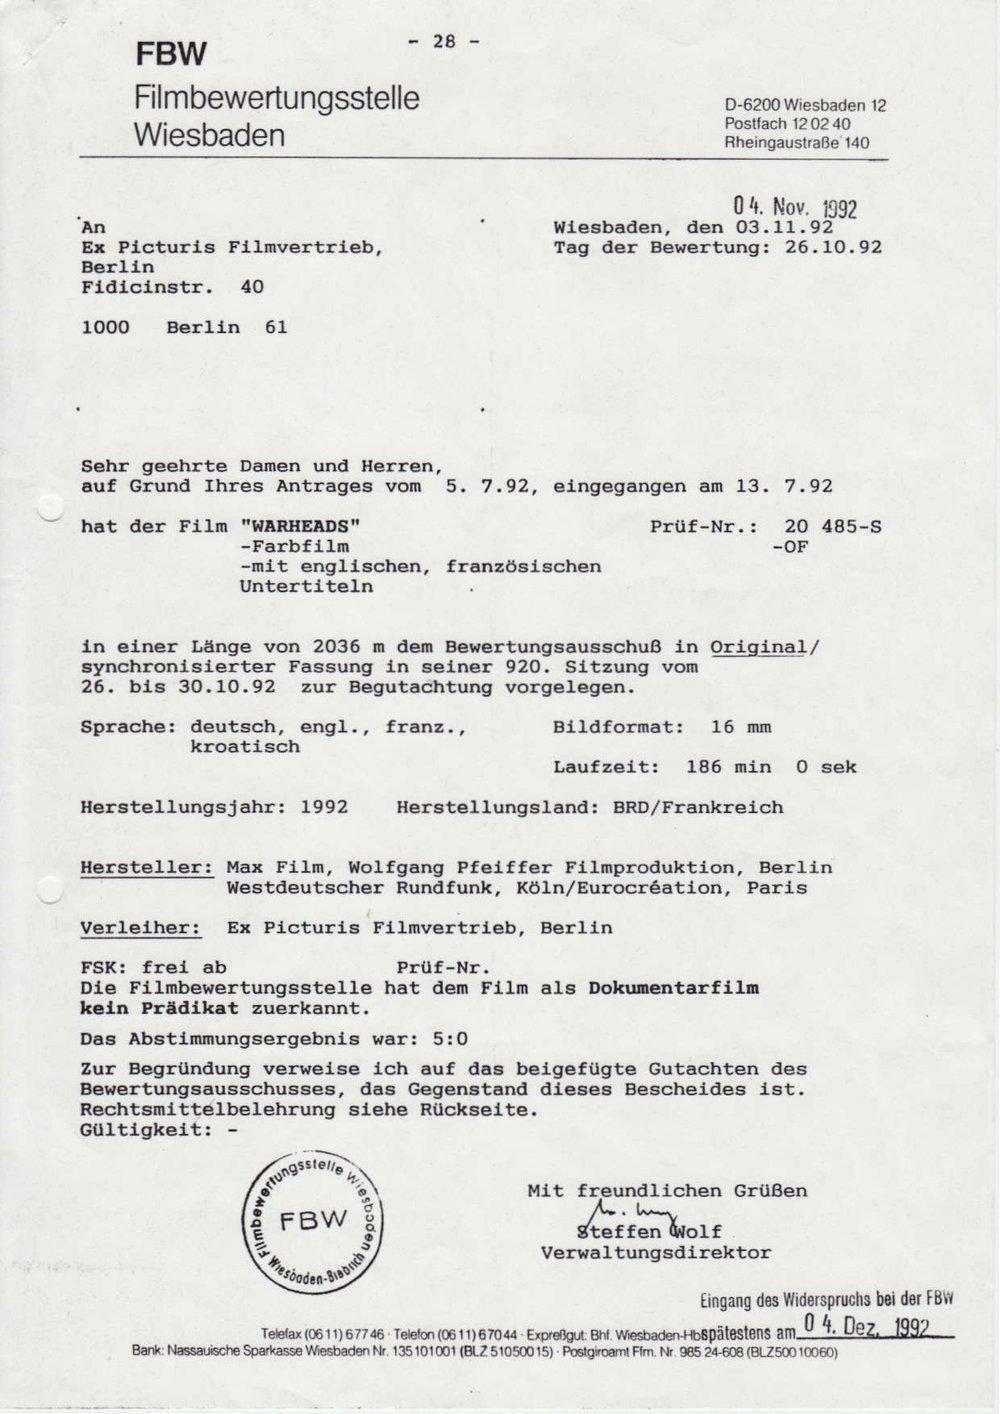 FBW - Filmbewertungsstelle Wiesbaden / 1992